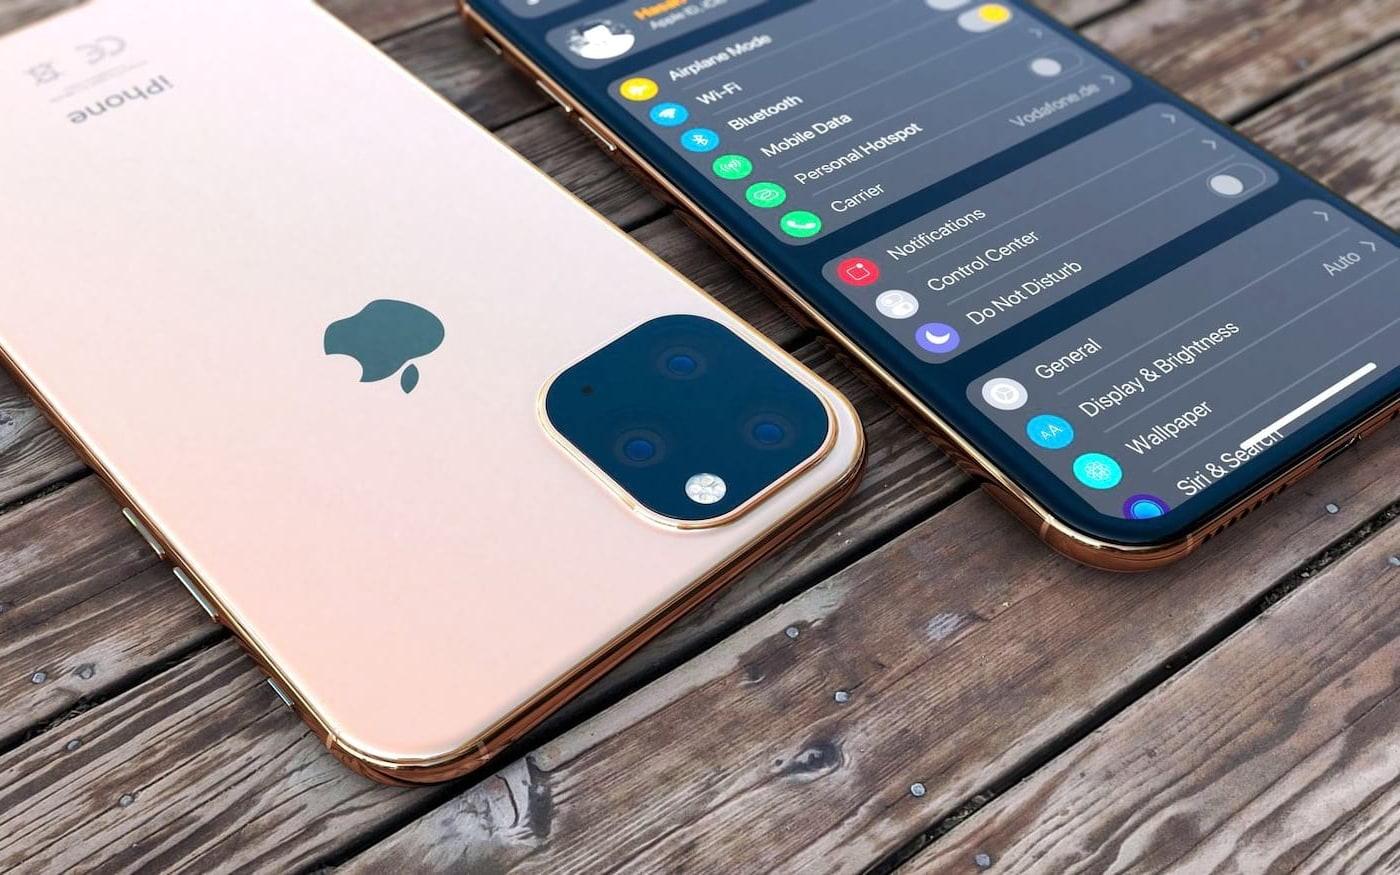 Novidades esperadas no evento da Apple 2019: iPhone 11, Apple Watch, AirPods, MacBook e iPad